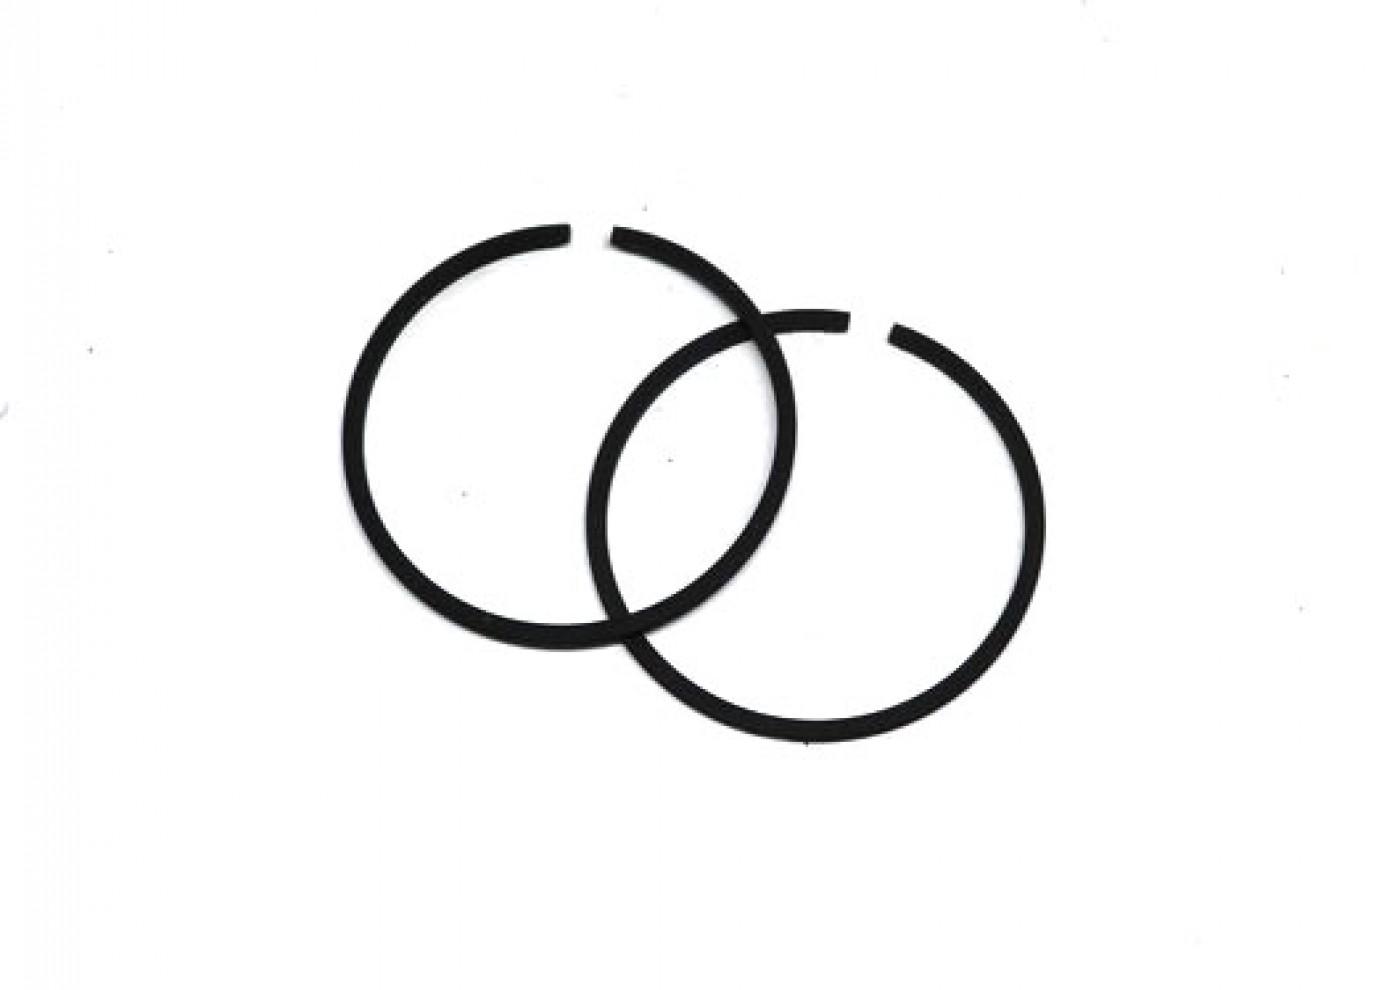 Sada pístních kroužků - 38 mm